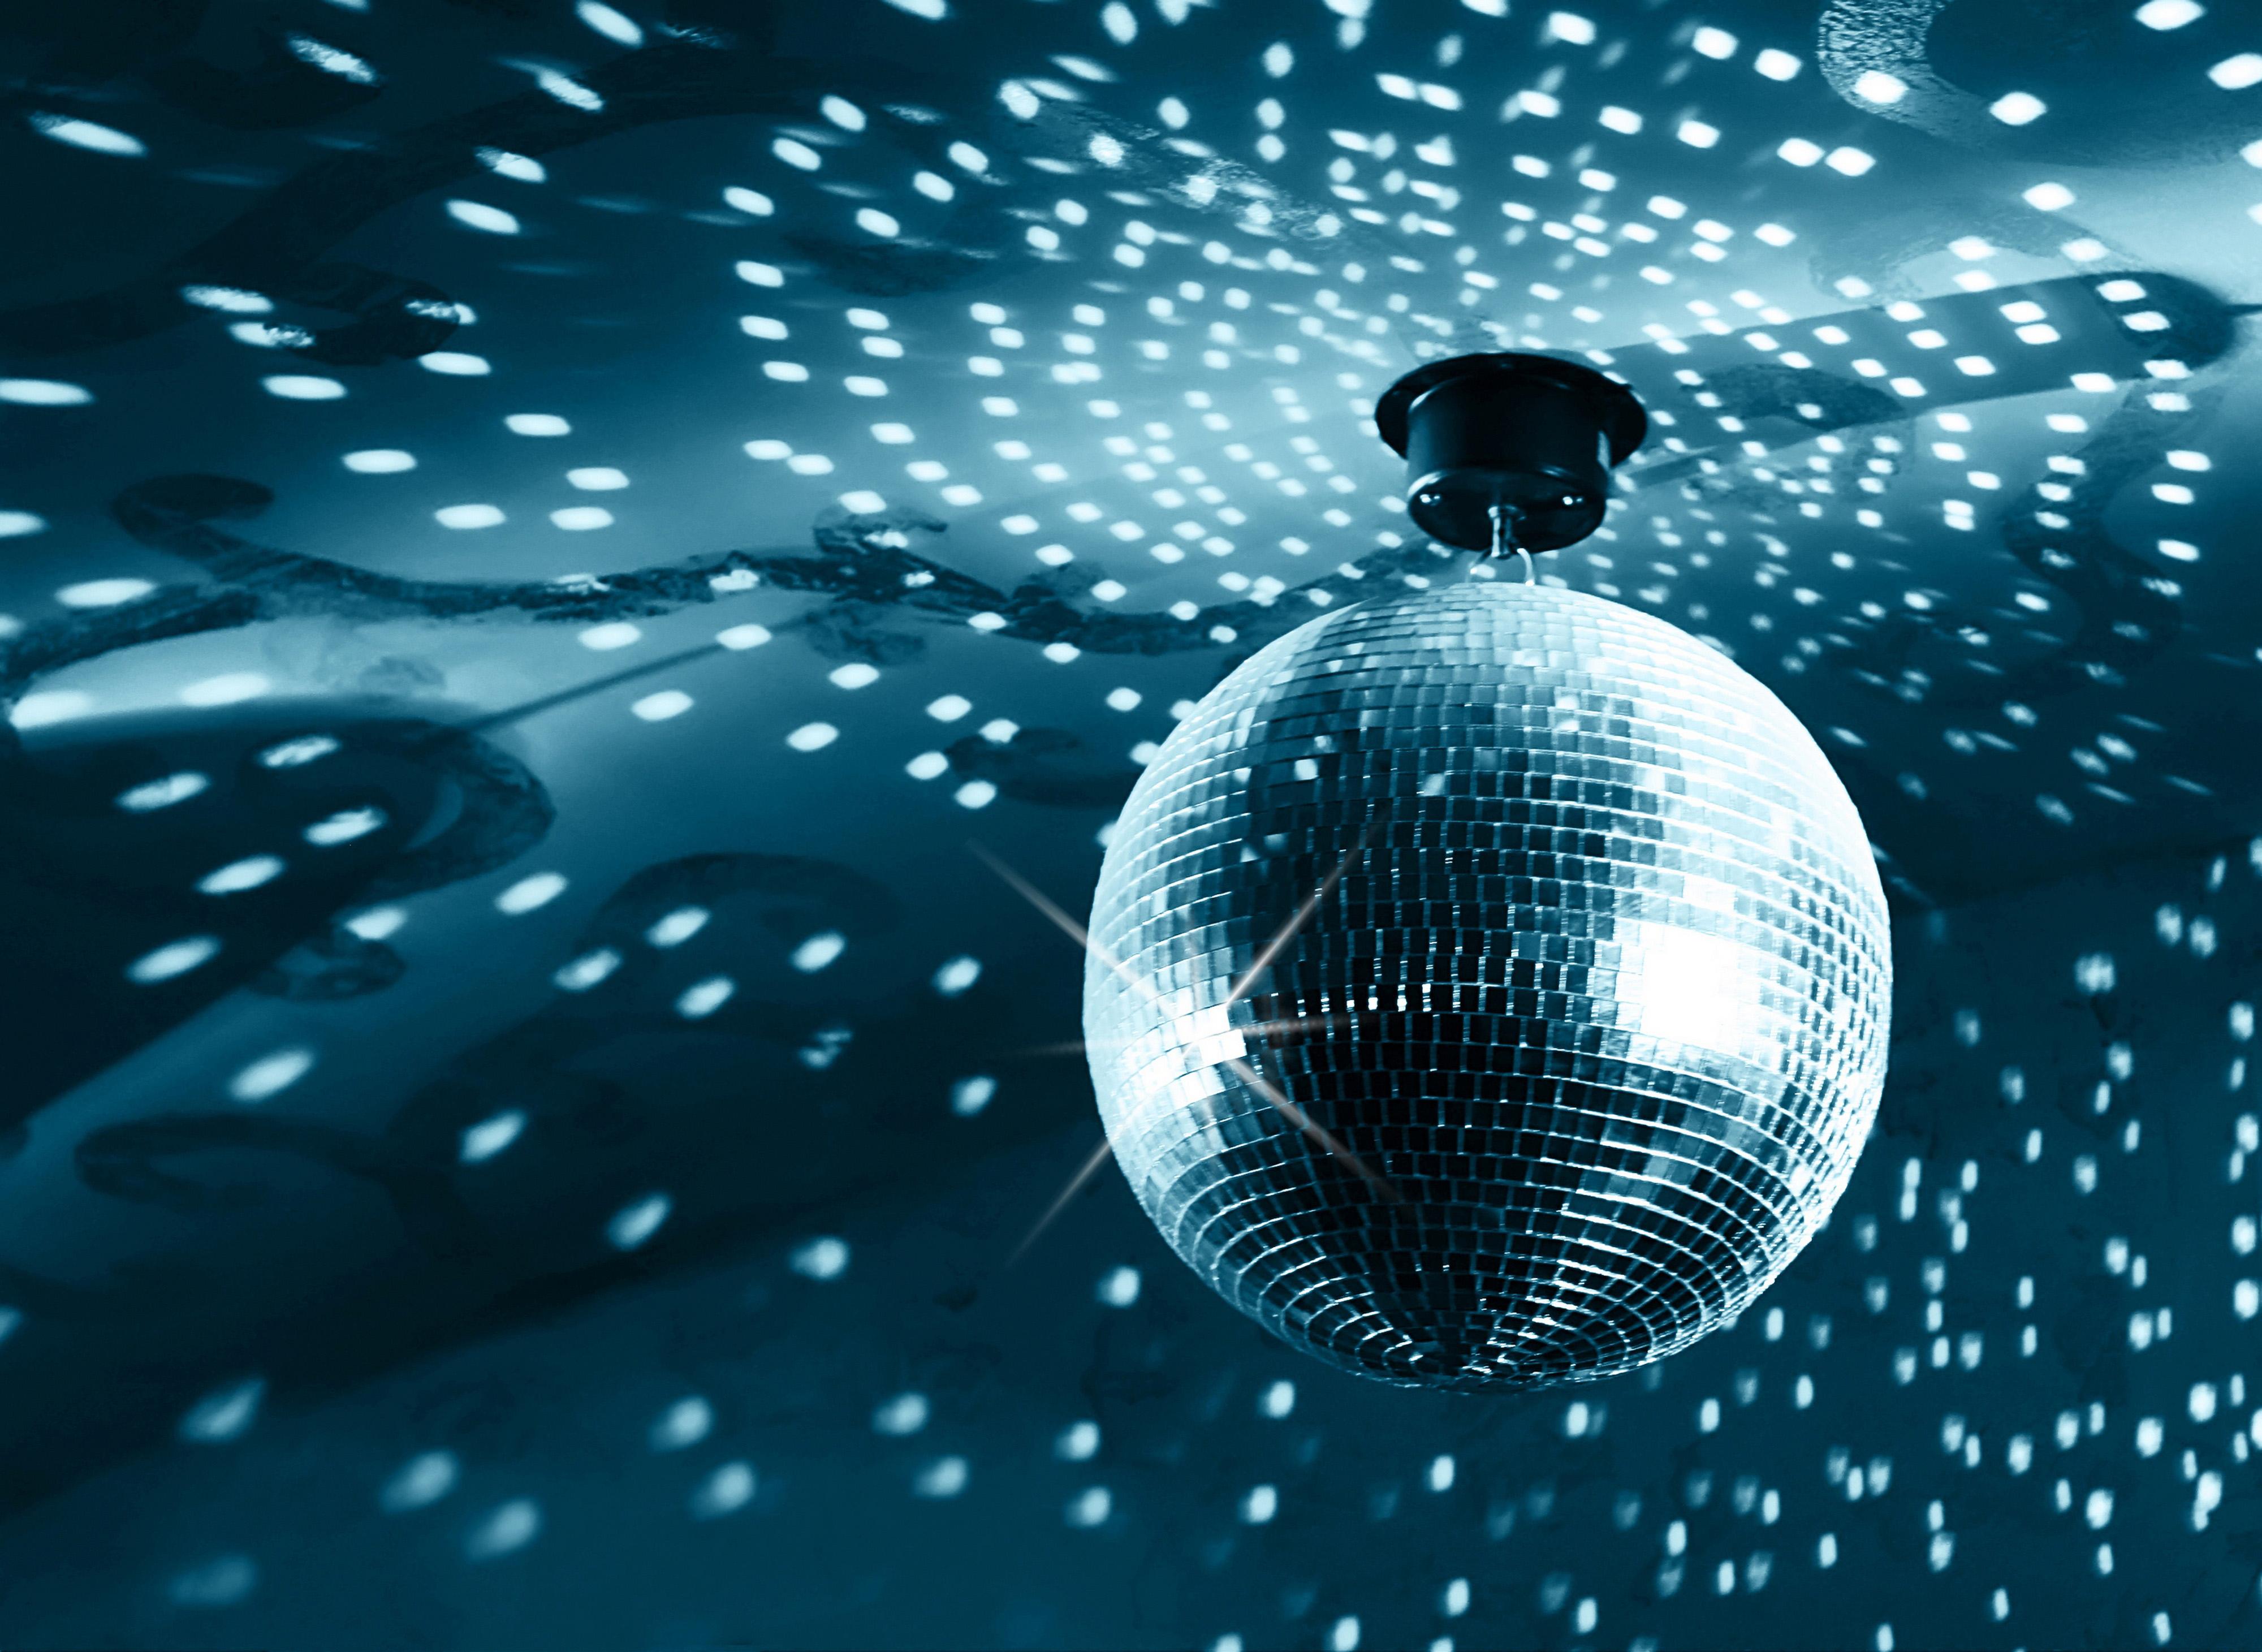 舞厅彩球灯图片; 舞厅彩球灯高清图片素材; 镭射灯图片[设计图,jpg]